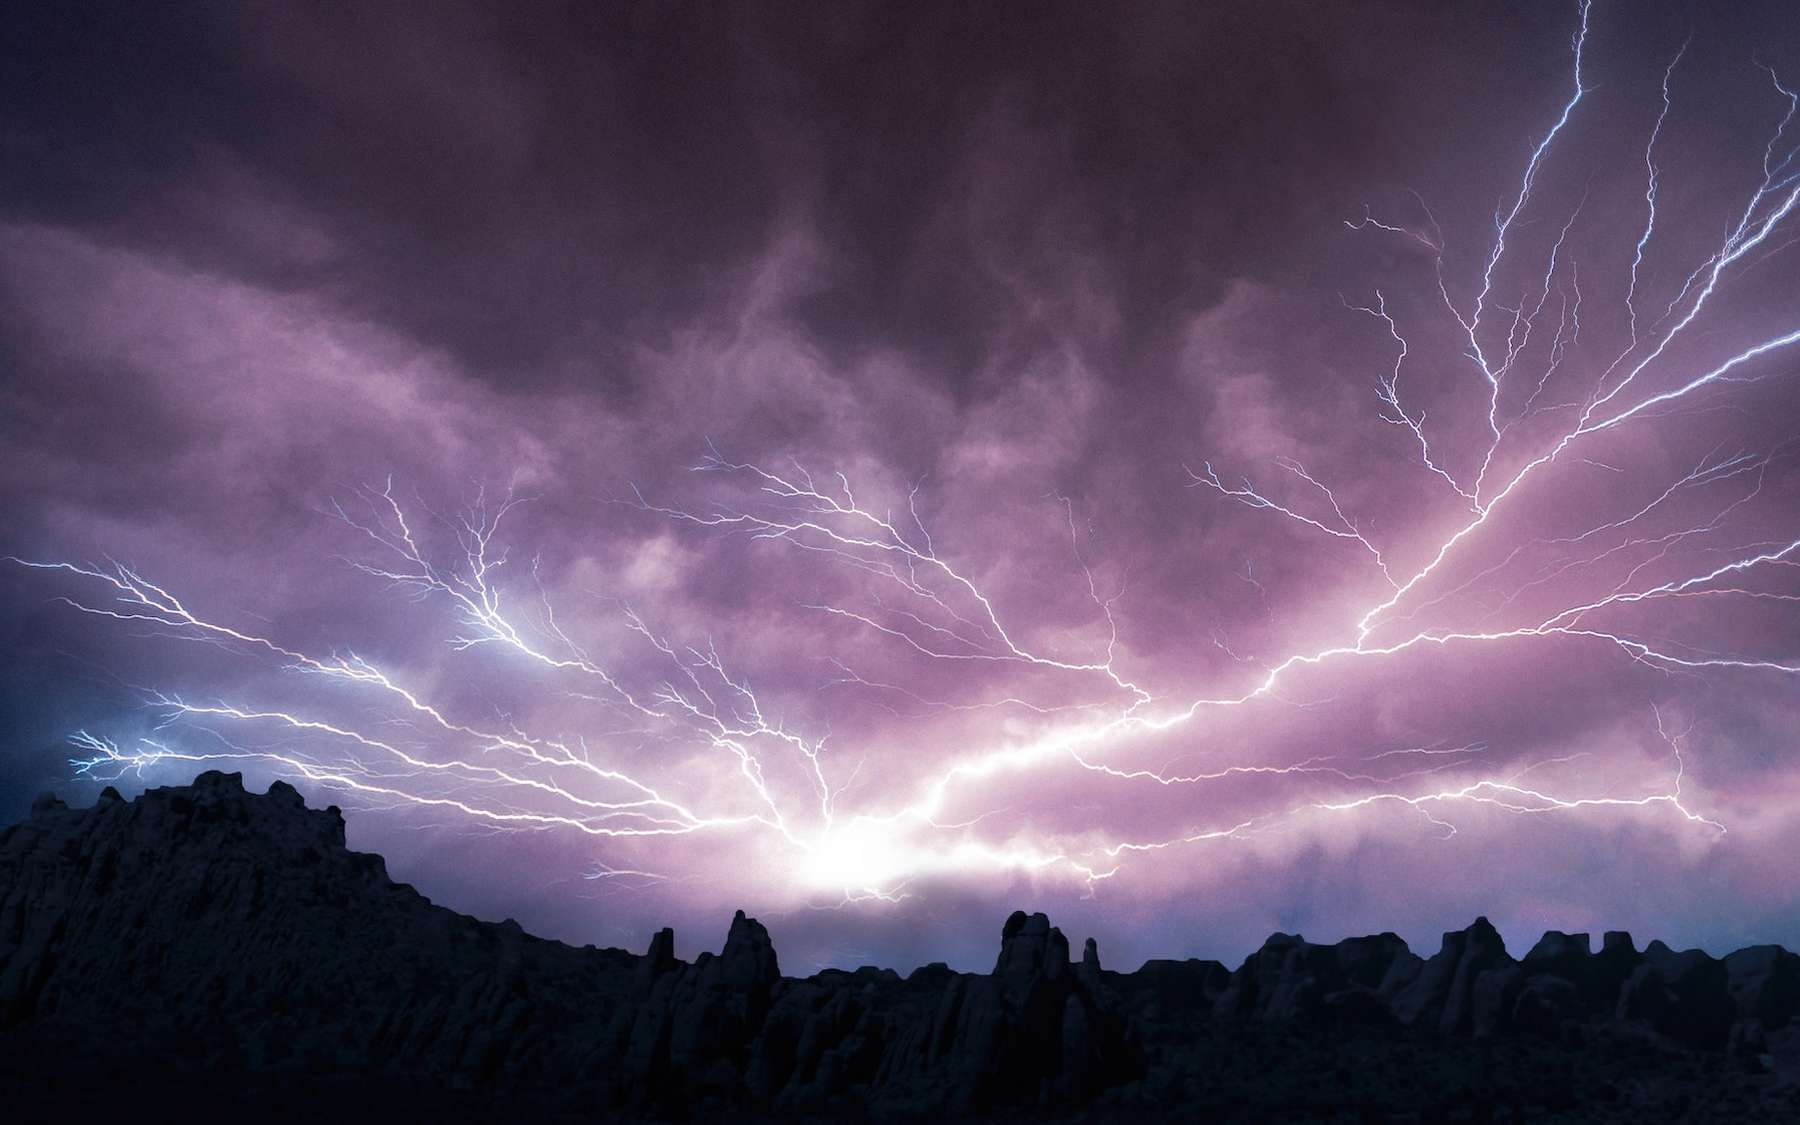 Certains éclairs ont une luminosité jusqu'à 1.000 fois plus forte que les autres. © Micah Tindell, Unsplash